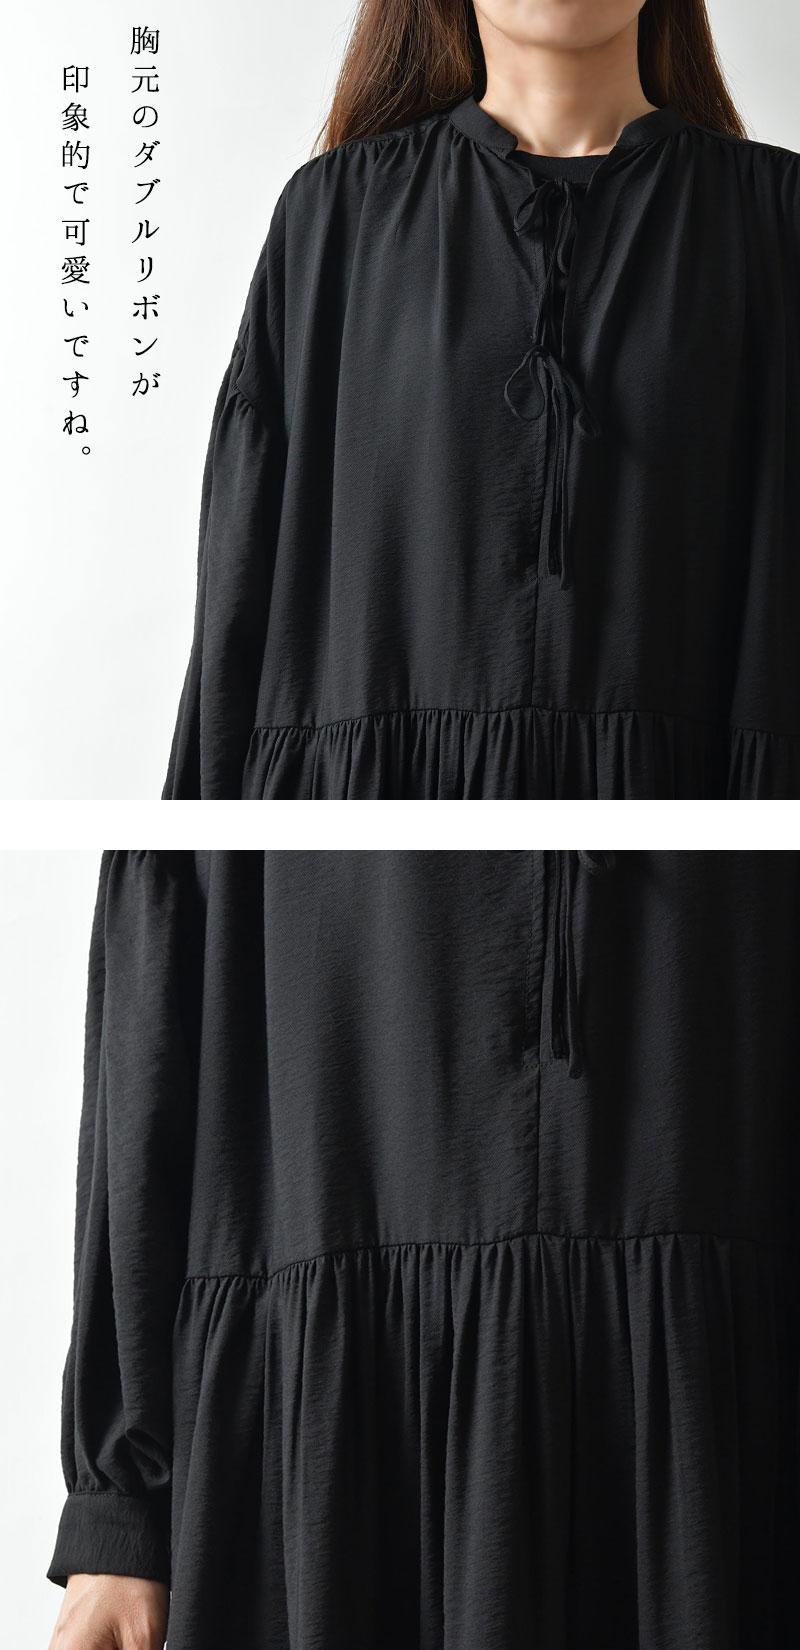 【espeyrac エスペラック】ダブル リボン スキッパー ギャザー ロング ワンピース